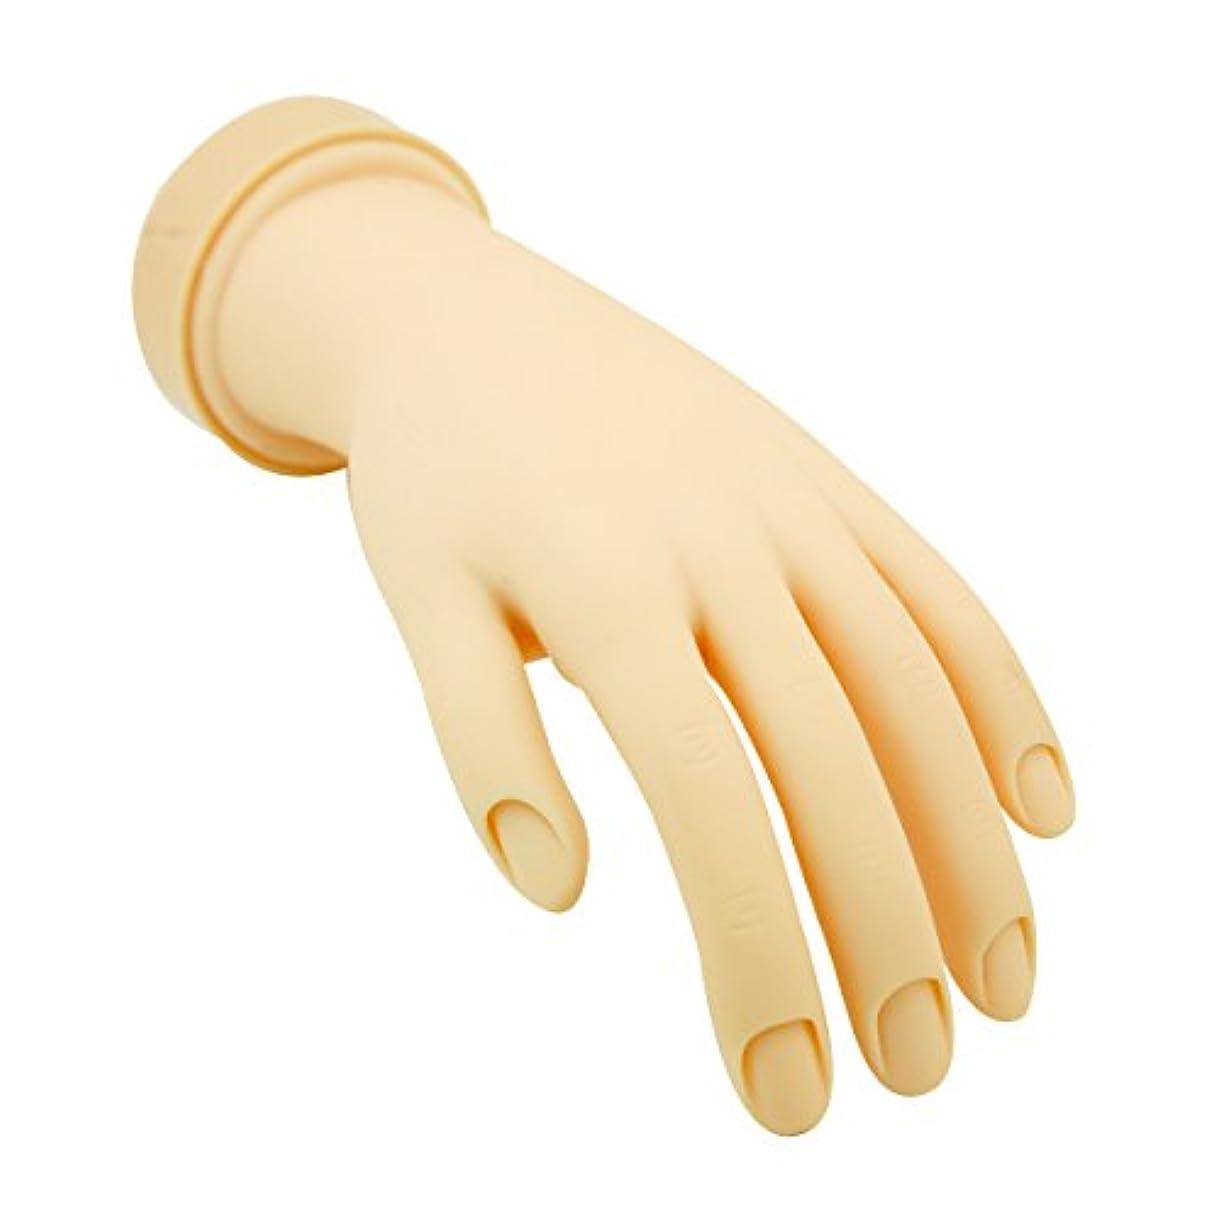 比べる禁止する不安トレーニングハンド (ネイル用) 左手 [ 練習用マネキン 手 指 ハンドマネキン マネキン 施術用 トレーニング ]